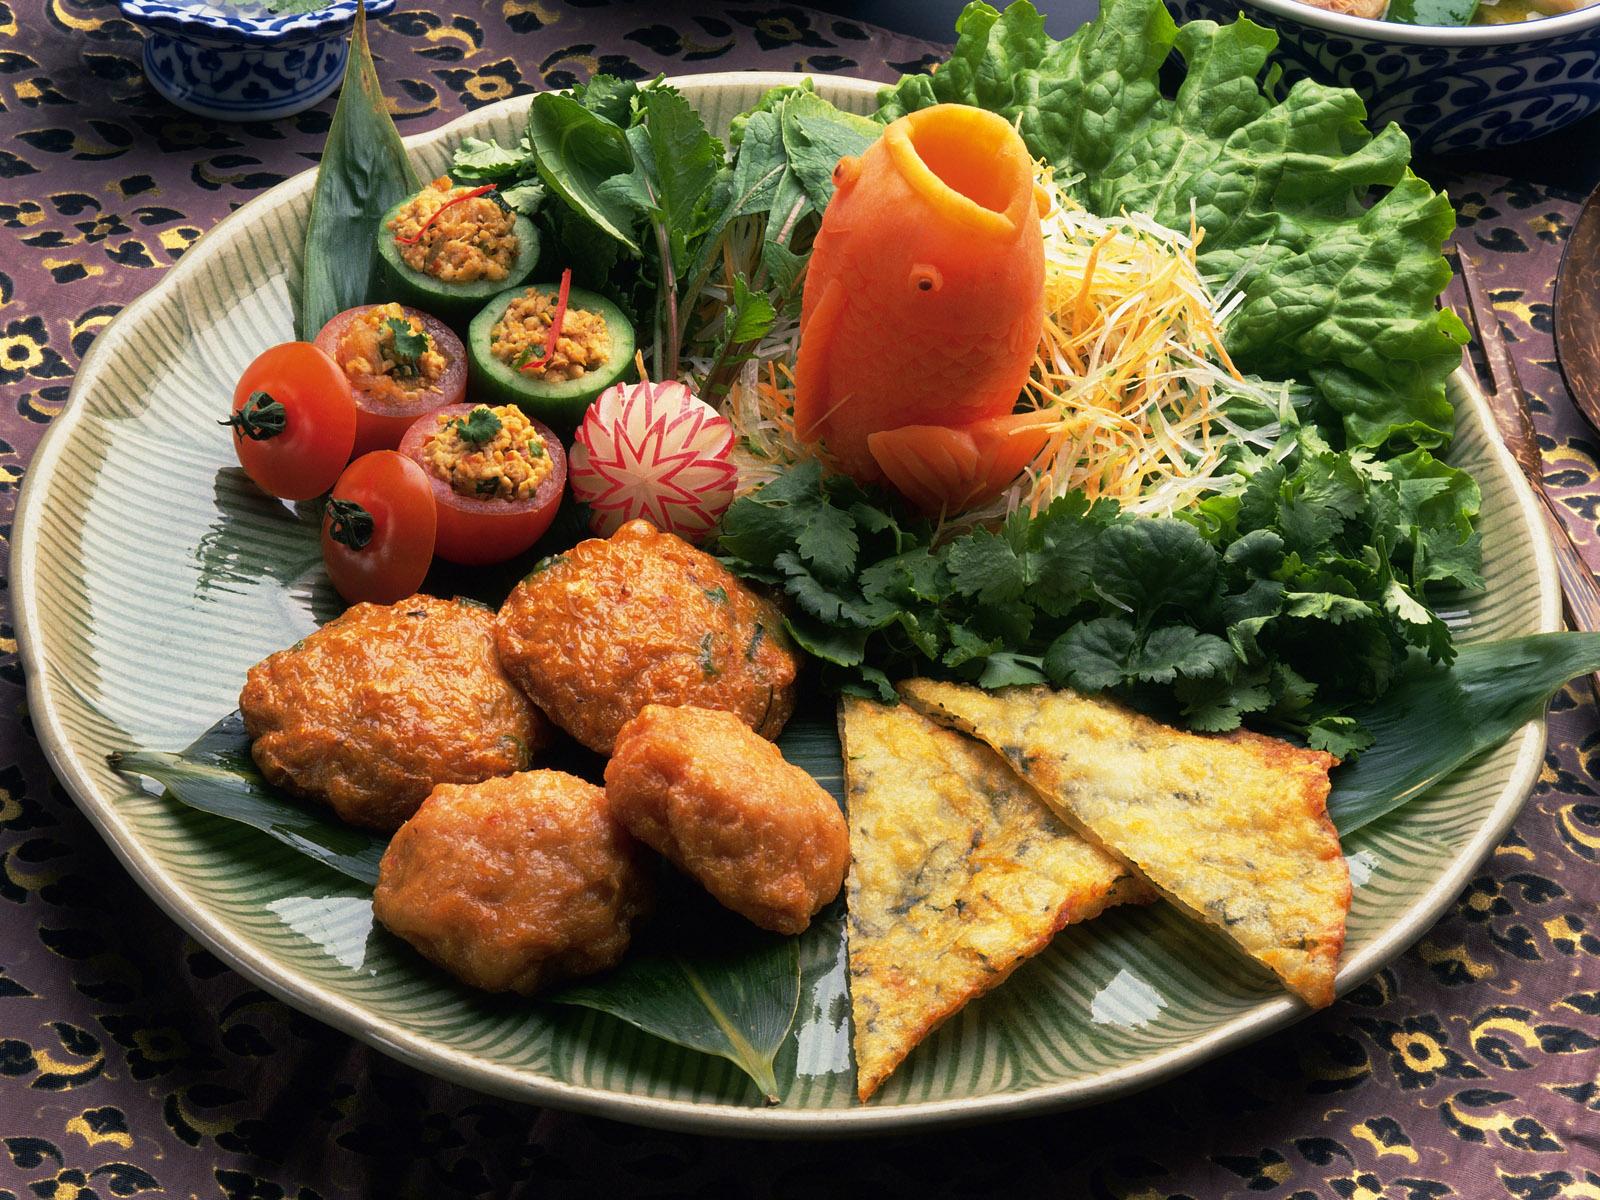 картинки любимых блюд верующего человека, душа